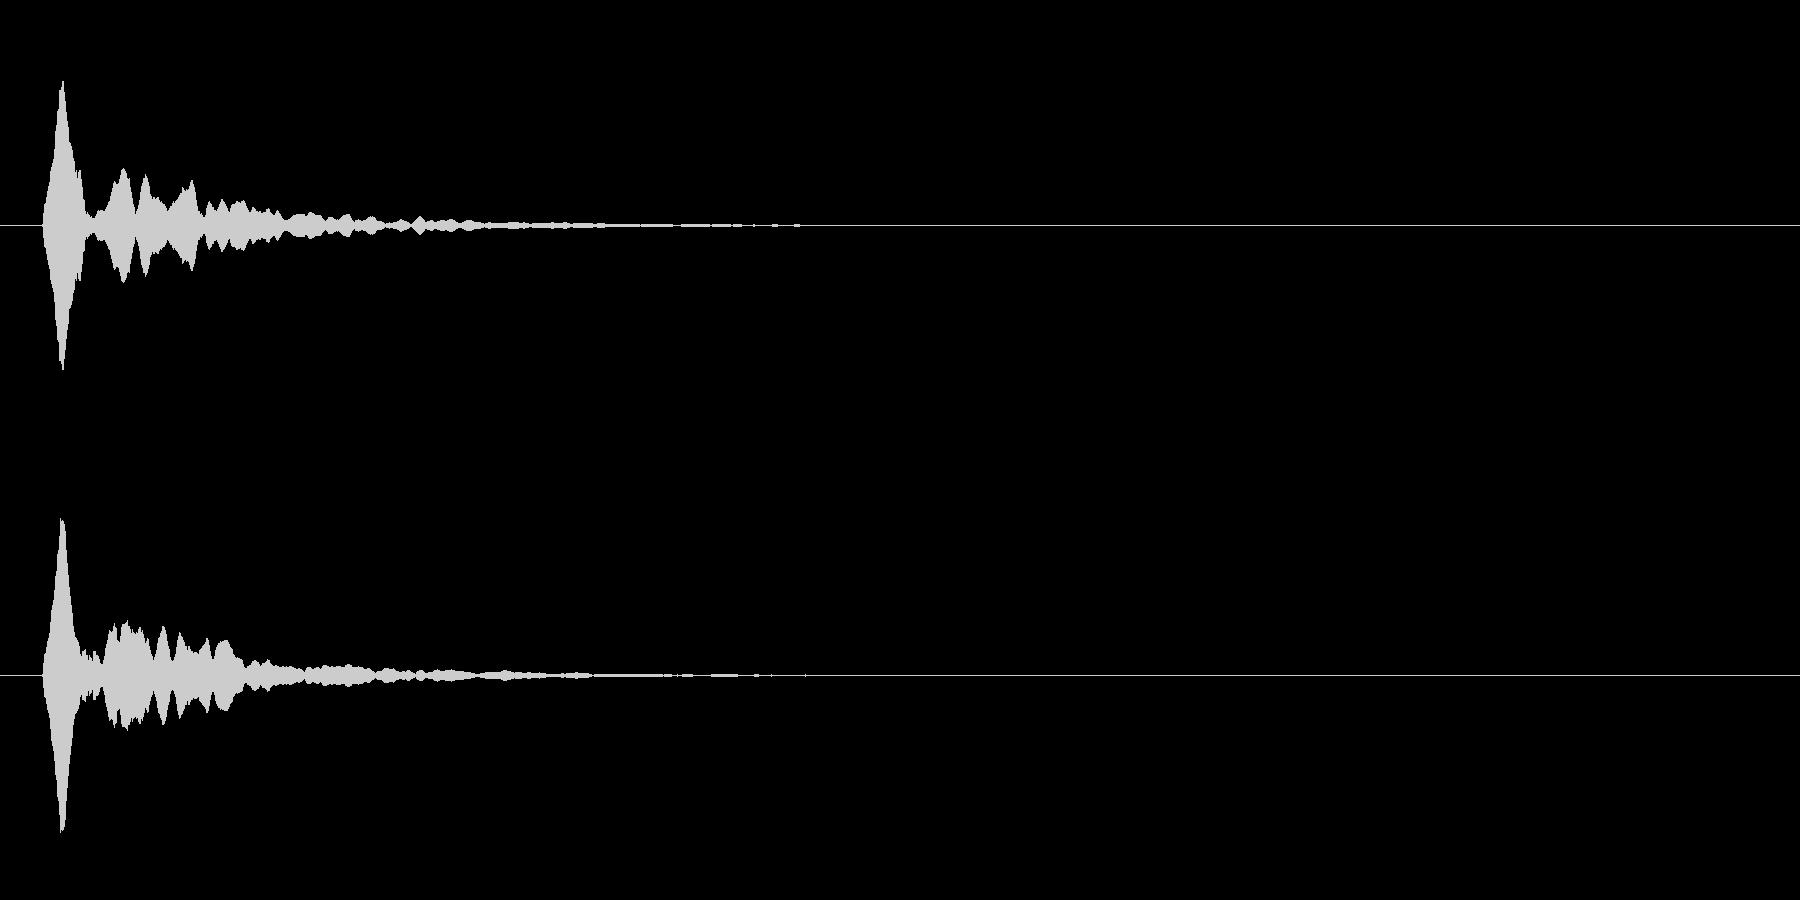 キラン⑤(星・コイン・輝く・アイテム)の未再生の波形